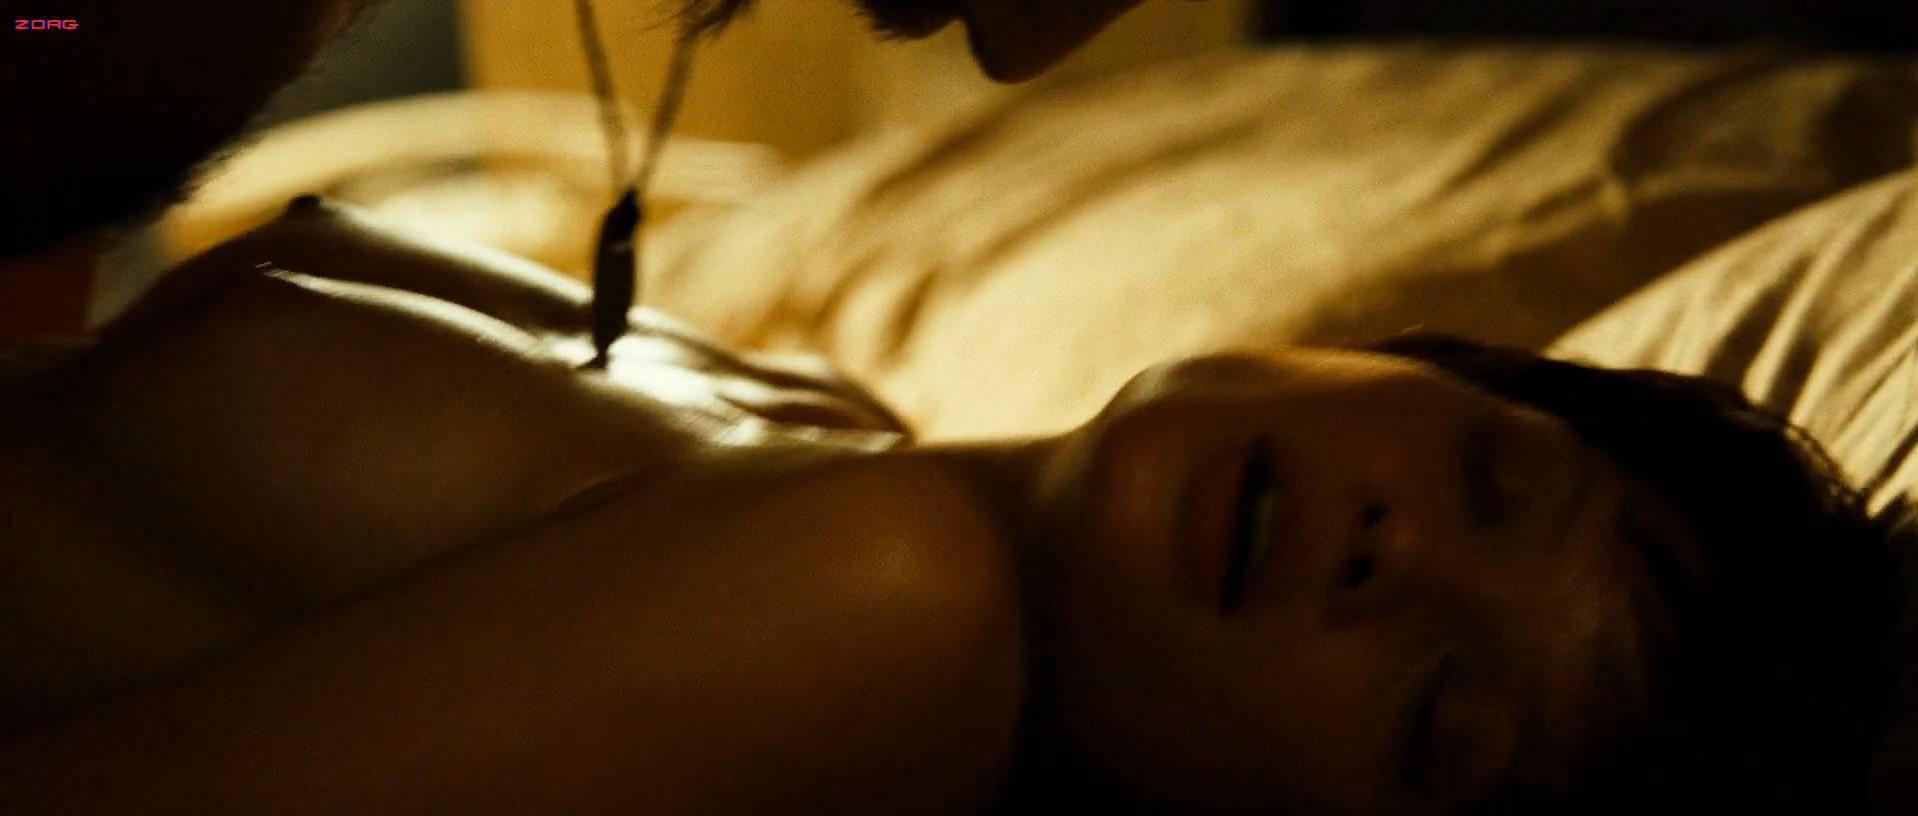 Tania saulnier topless russian porn